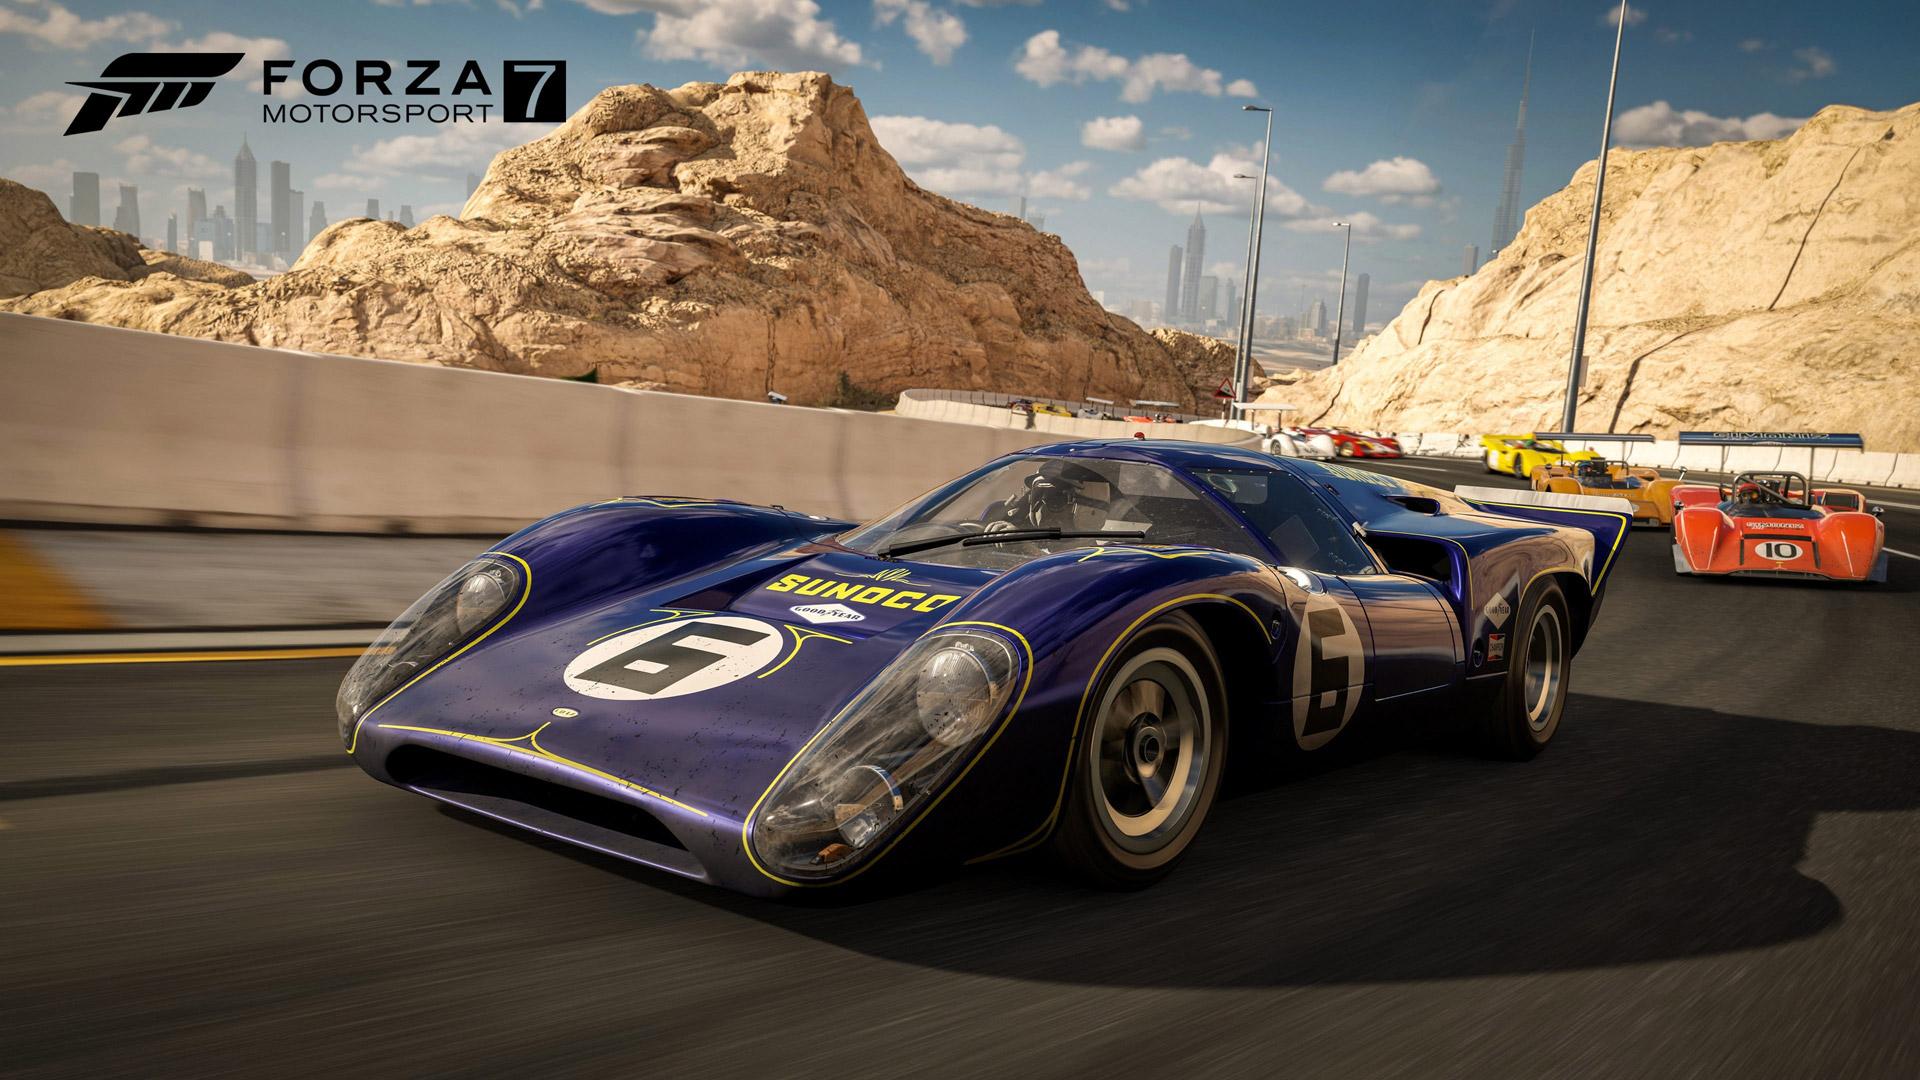 Forza Motorsport 7 Wallpaper in 1920x1080